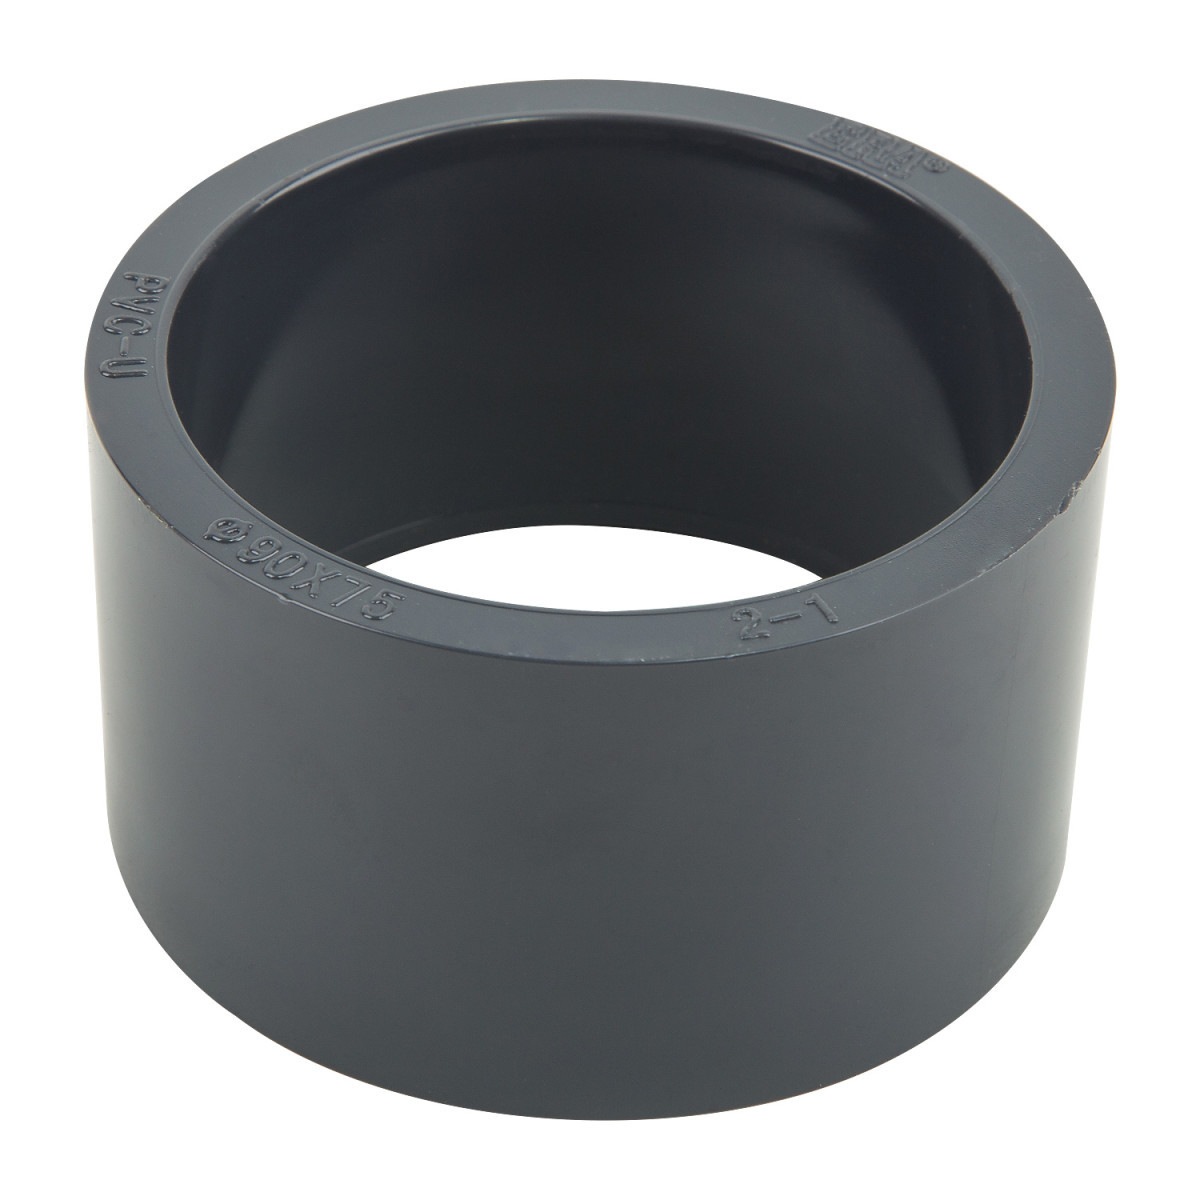 Редукційний кільце ПВХ ERA 110х75 мм